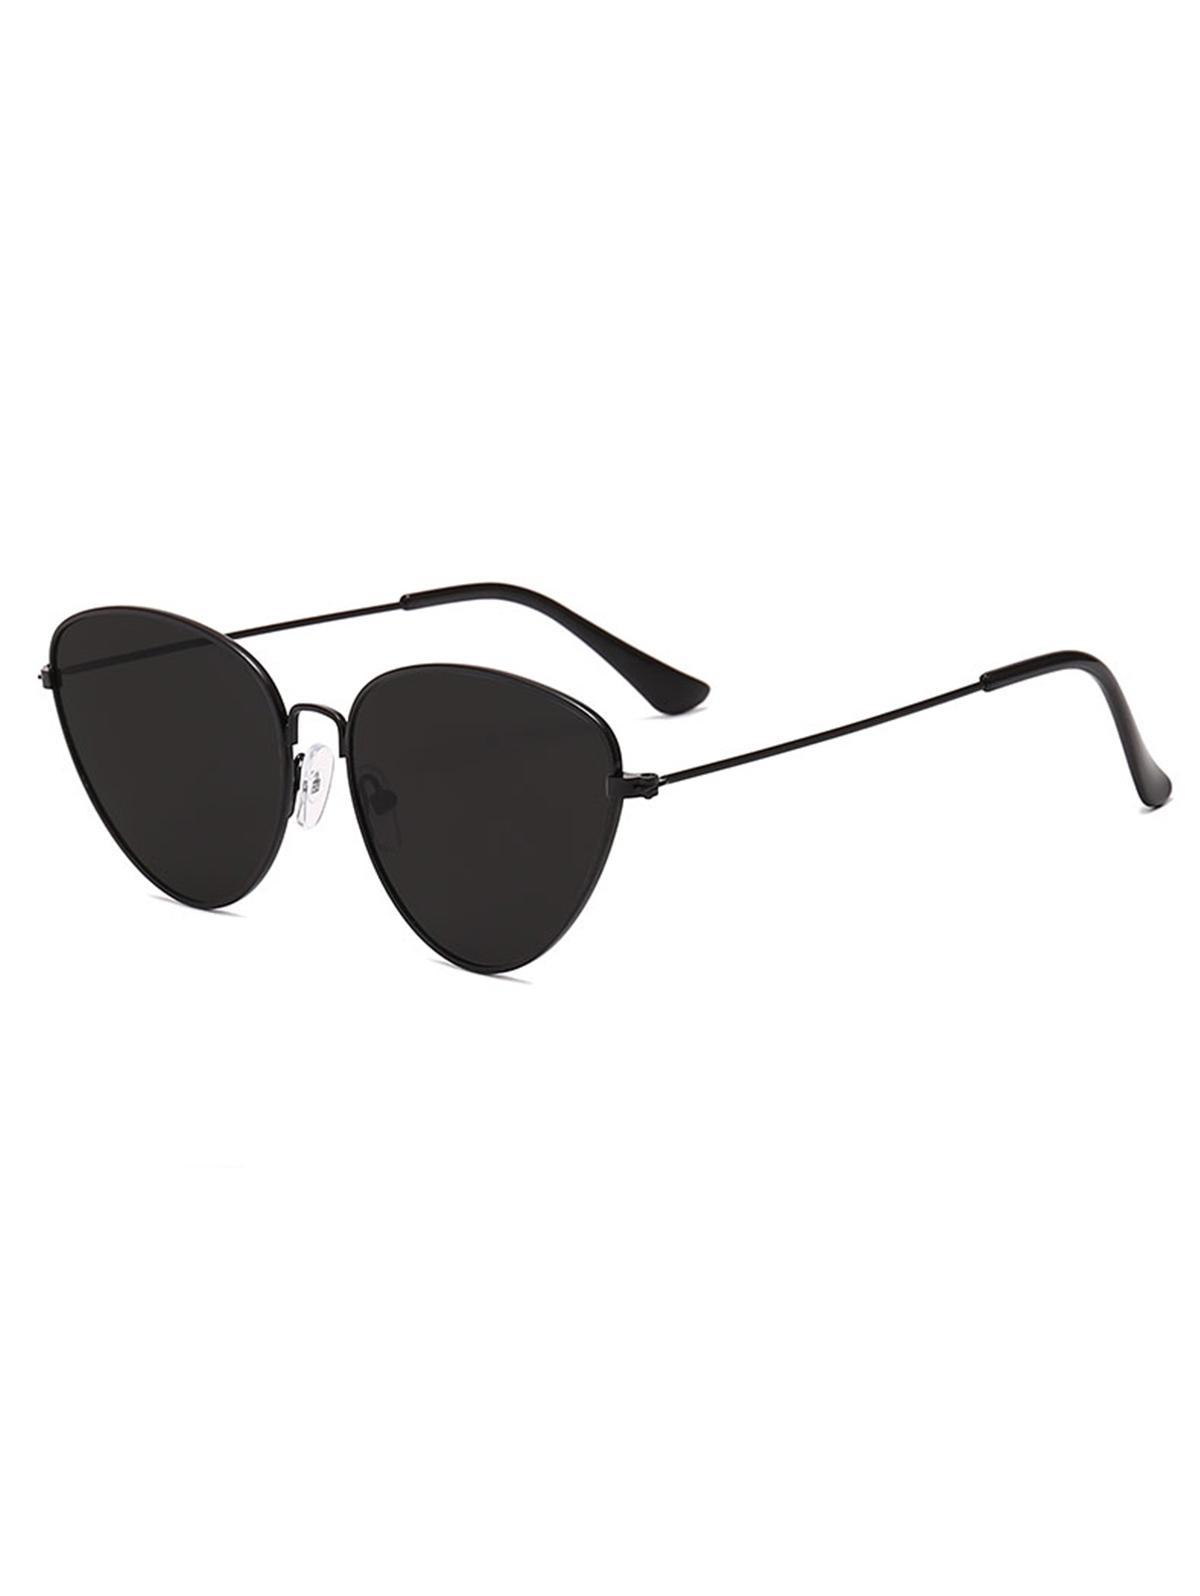 Zaful coupon: Outdoor Metal Triangular Pilot Sunglasses